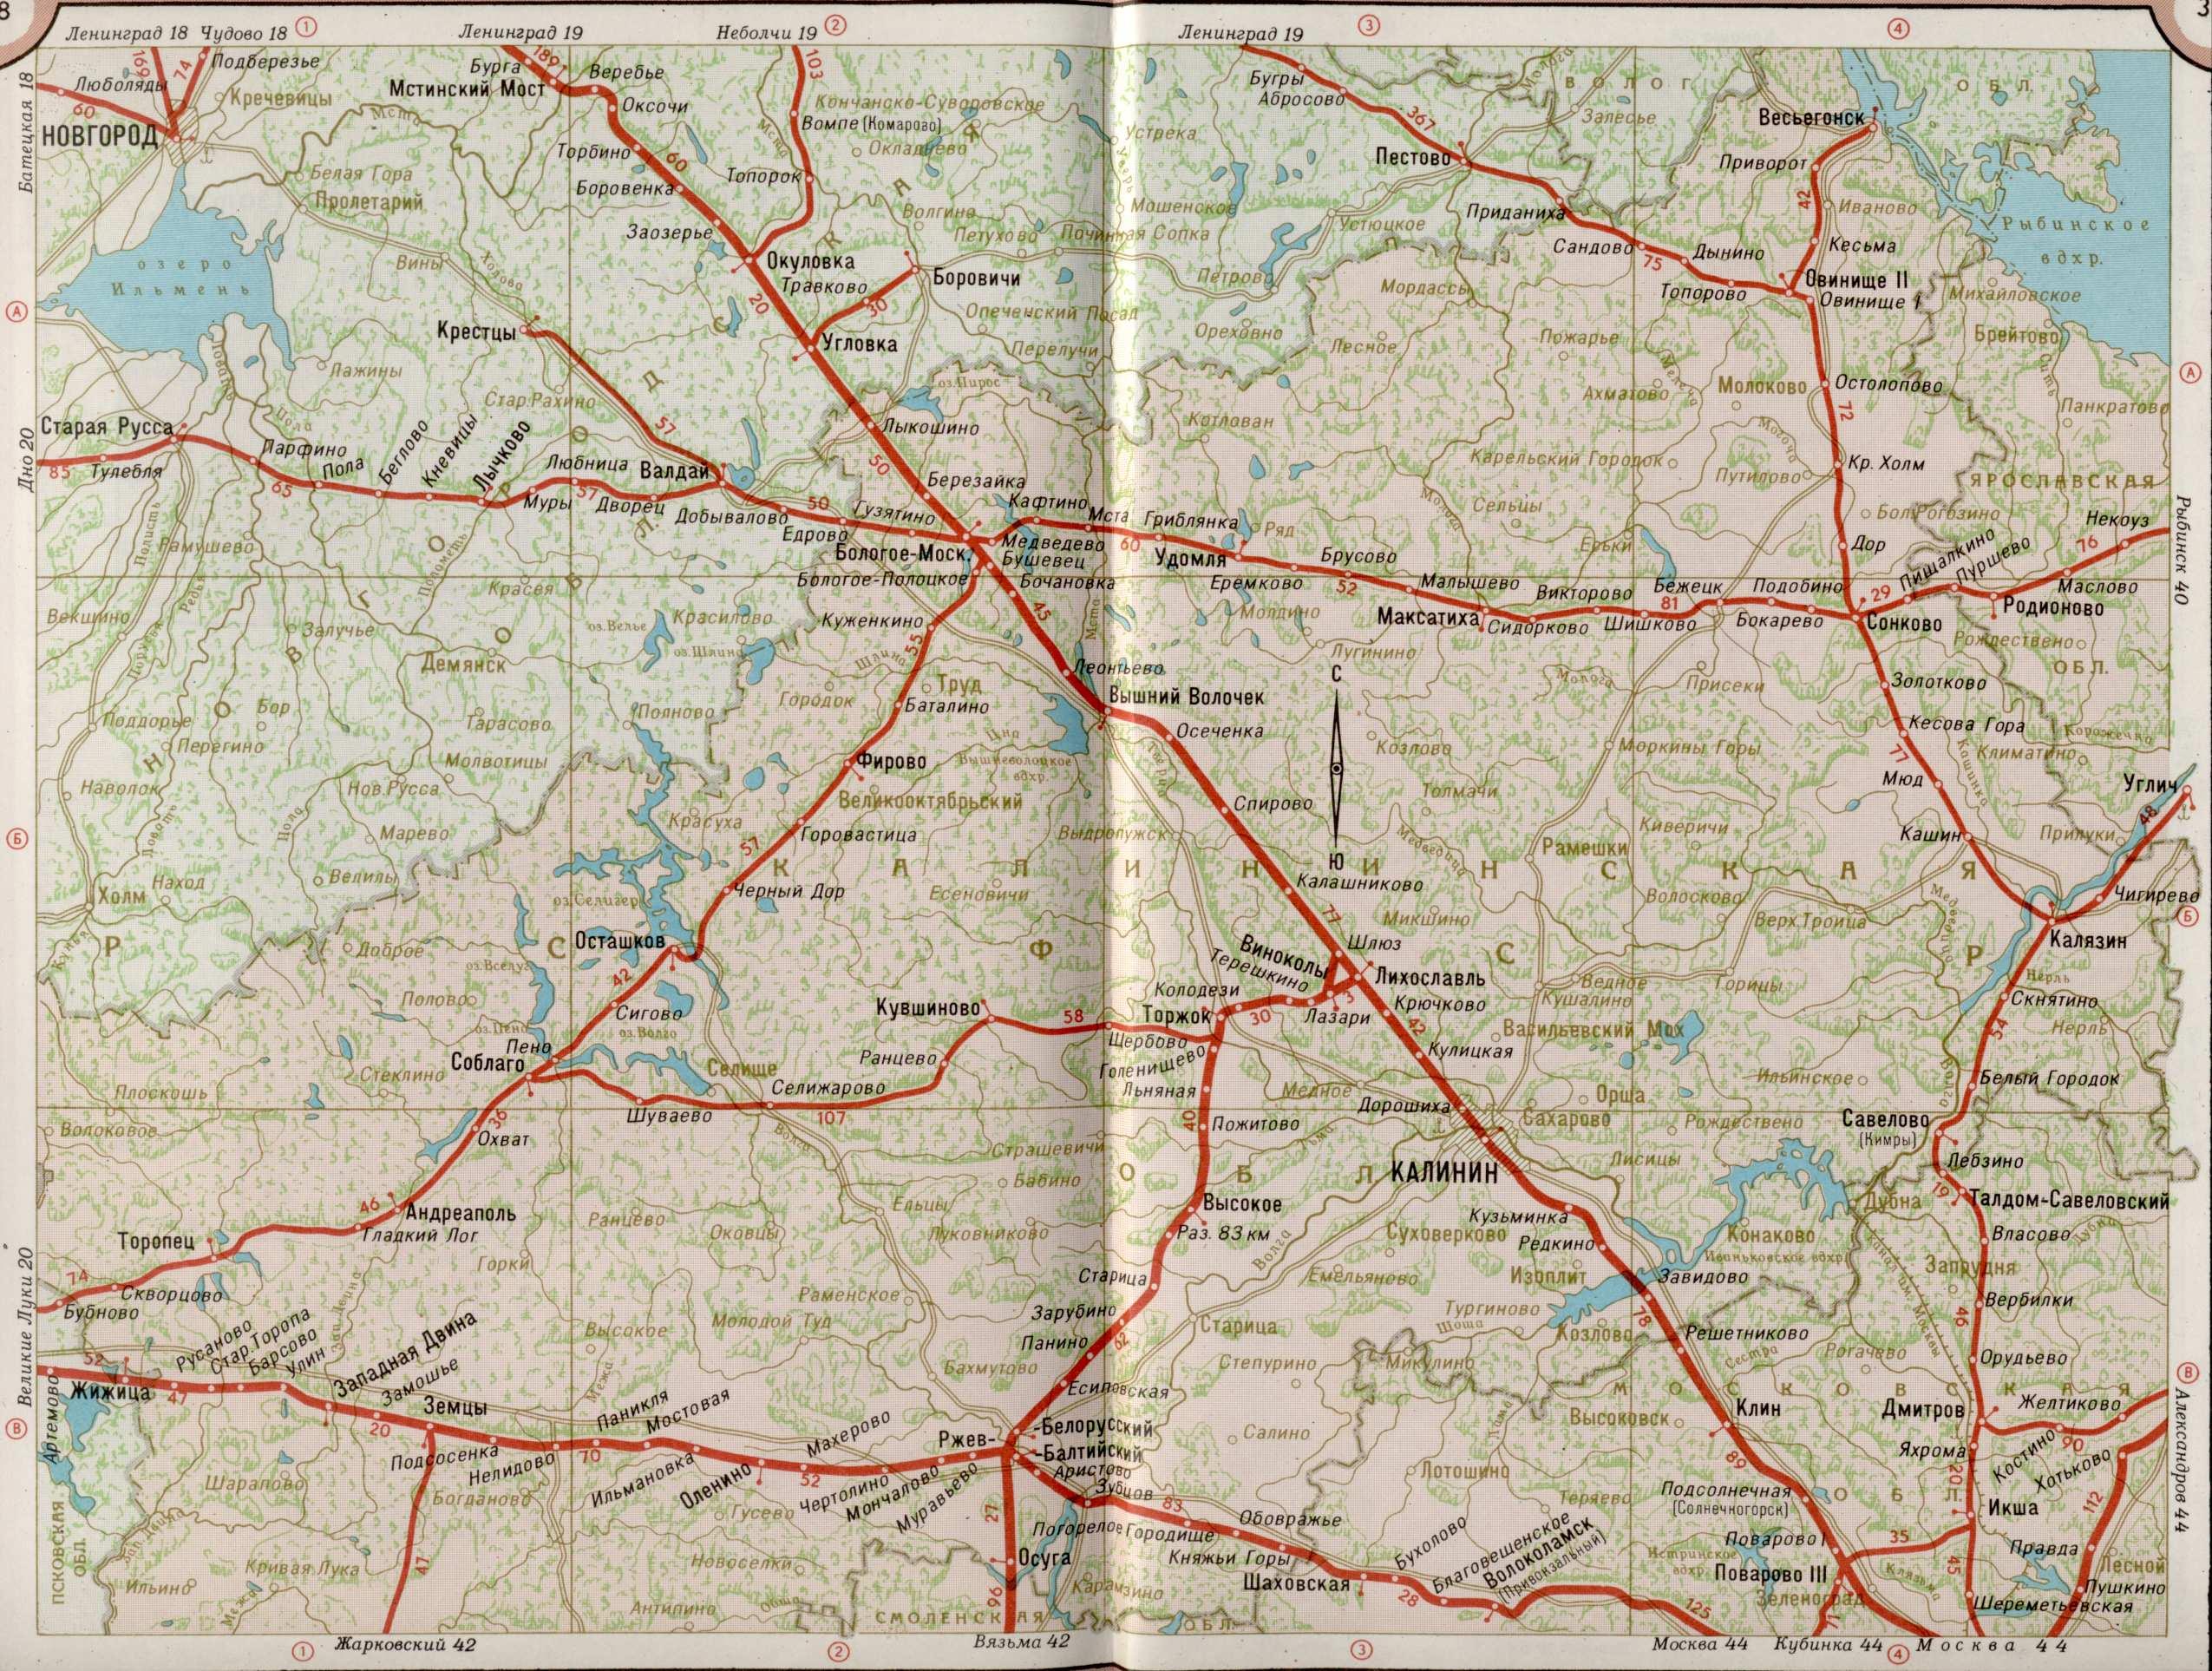 Схема железнодорожного транспорта